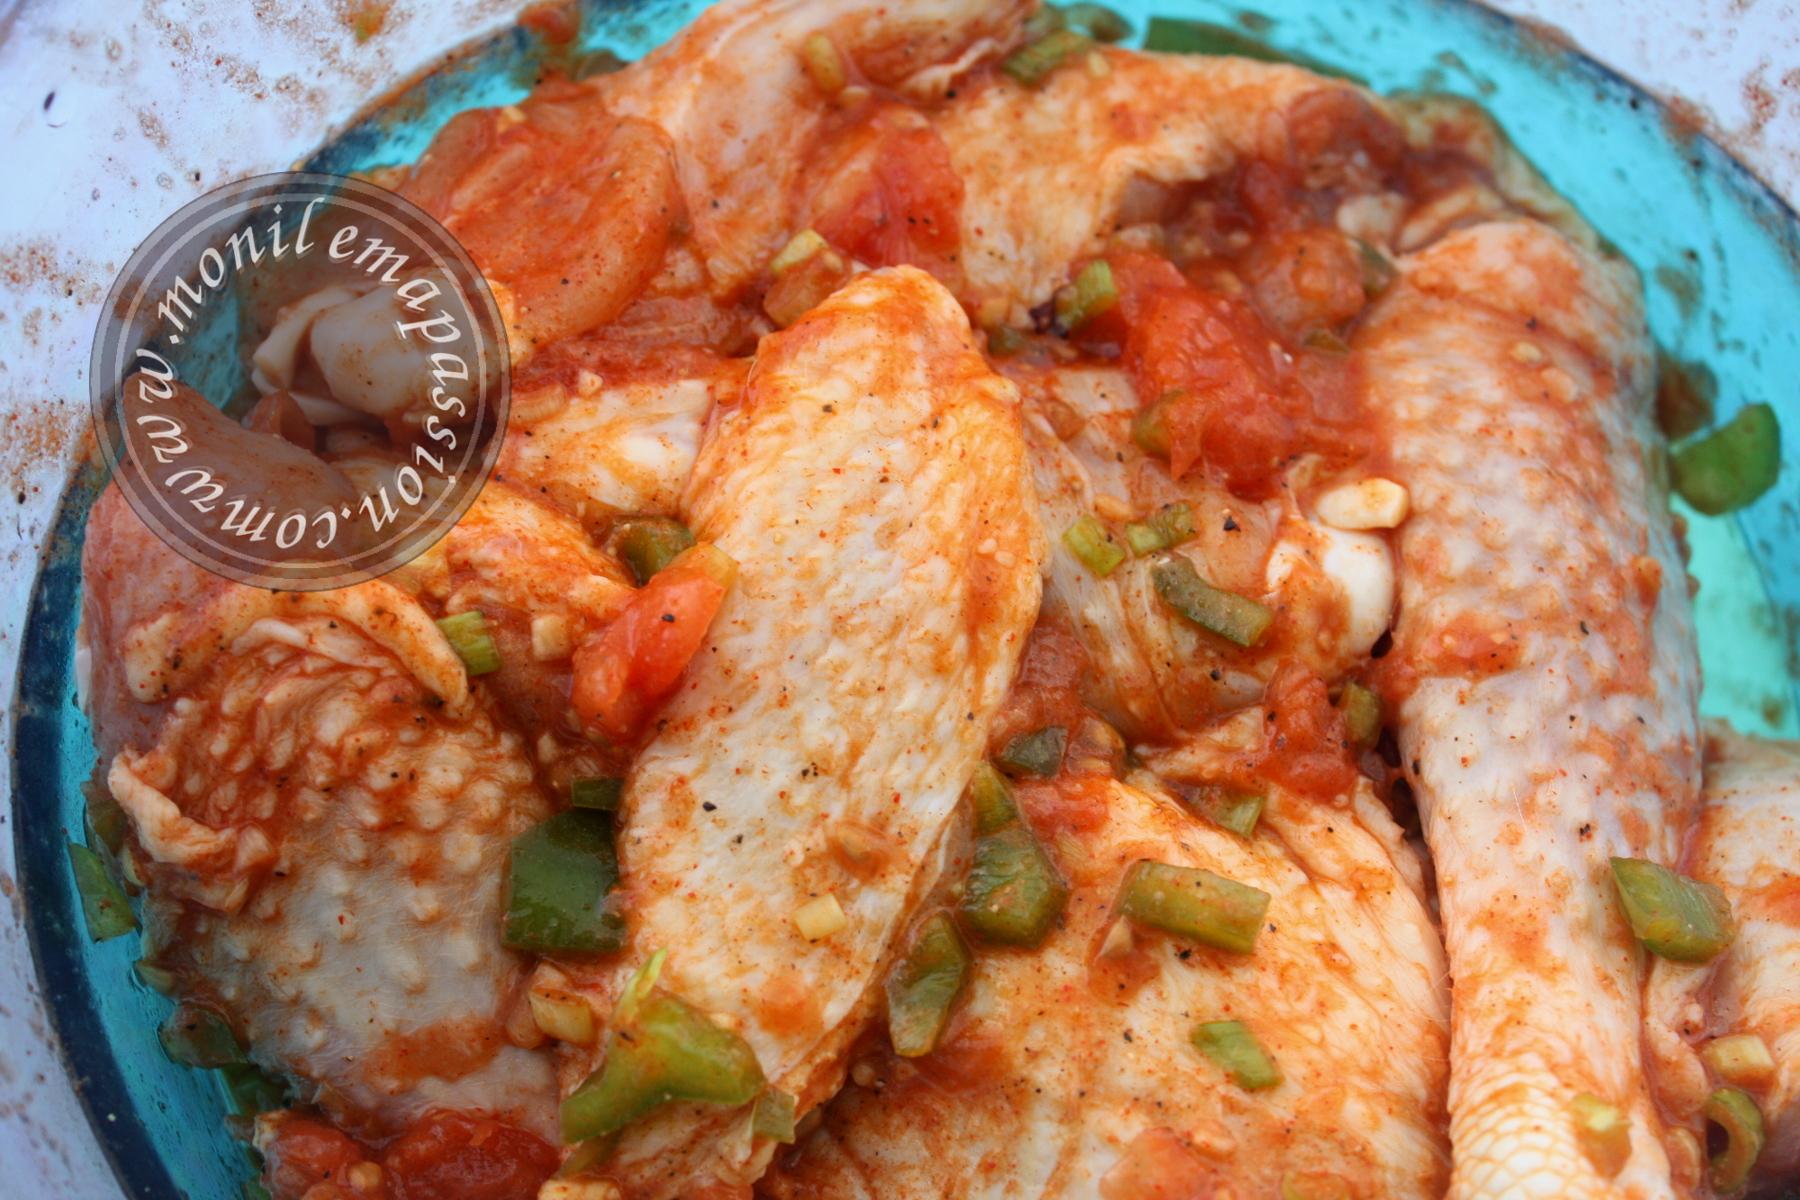 Grignotes de poulet façon mexicaine - Mexican style chicken